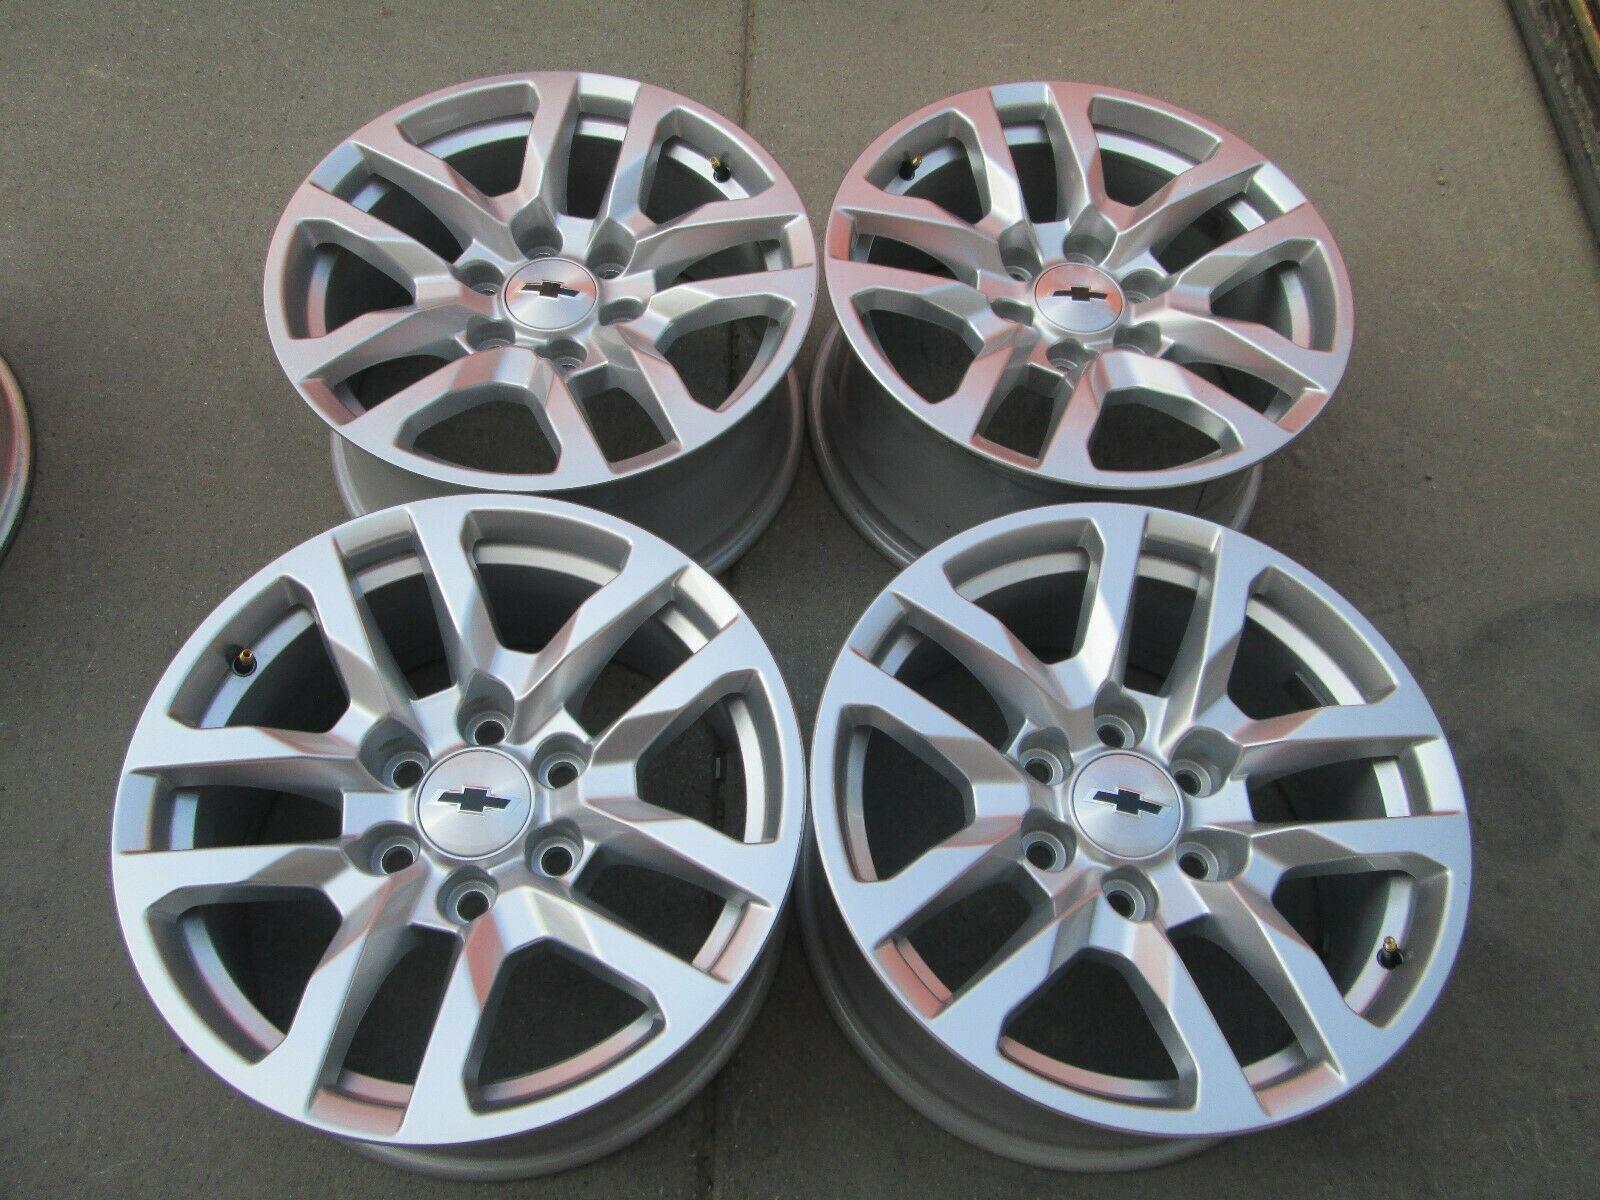 Chevrolet Silverado Rims Oem Wheels Wheel Rims Silverado For Sale